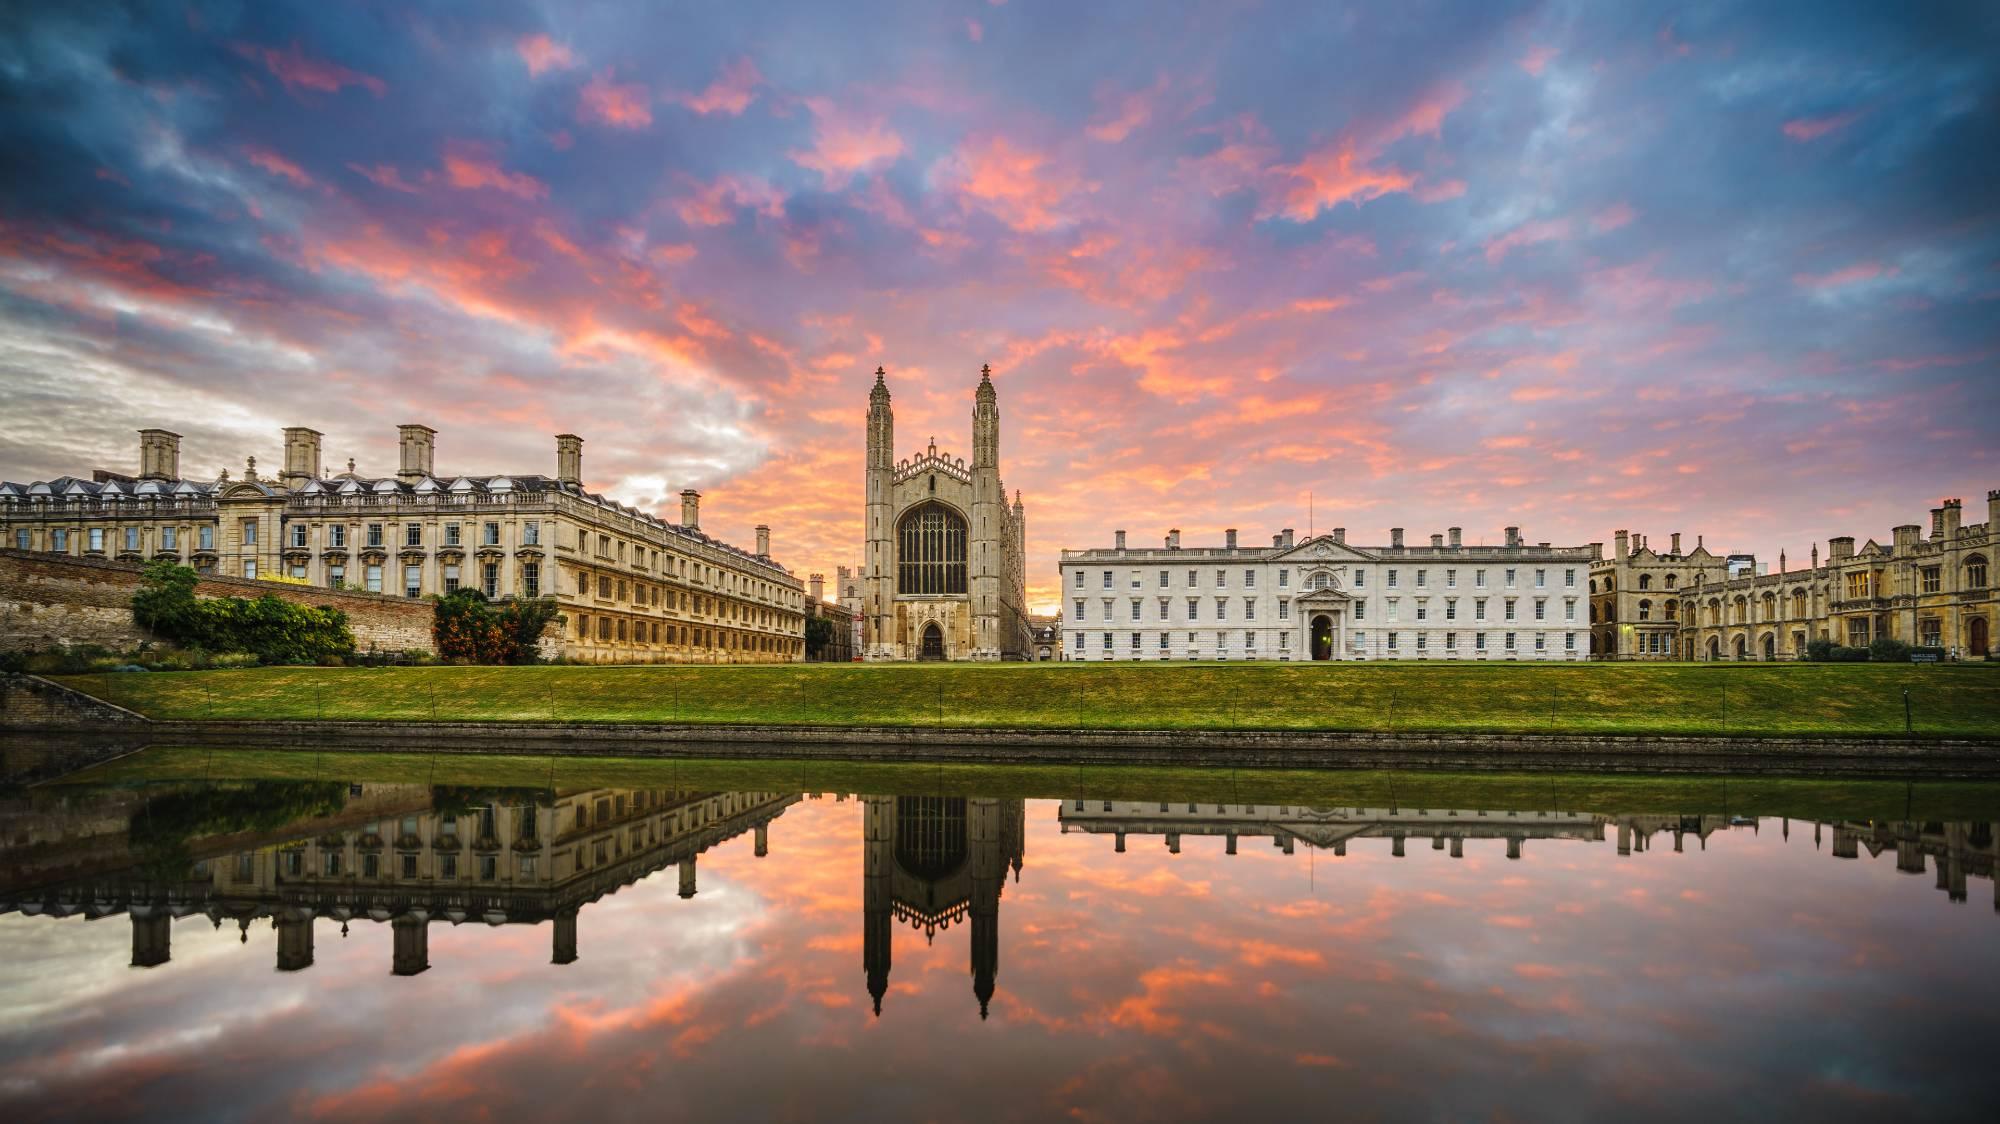 Elmhurst University announces Fall 2020 reopening - The Leader